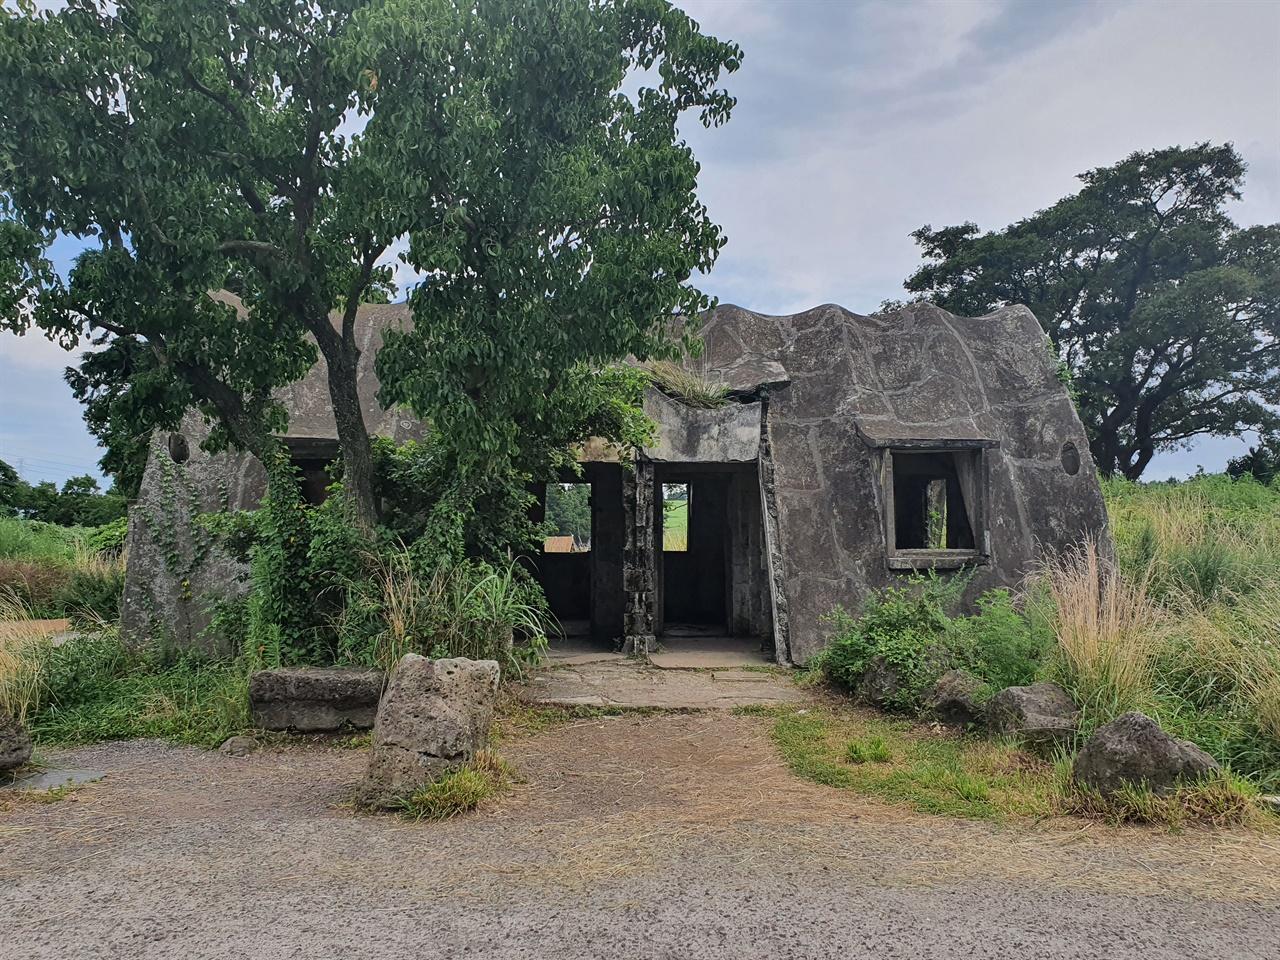 테쉬폰 성이시돌목장 지대에 남아 있는 아치형 건축양식으로, 태풍 피해가 큰 제주도에서 견딜 수 있는 구조여서 사람과 가축들이 이용했다.